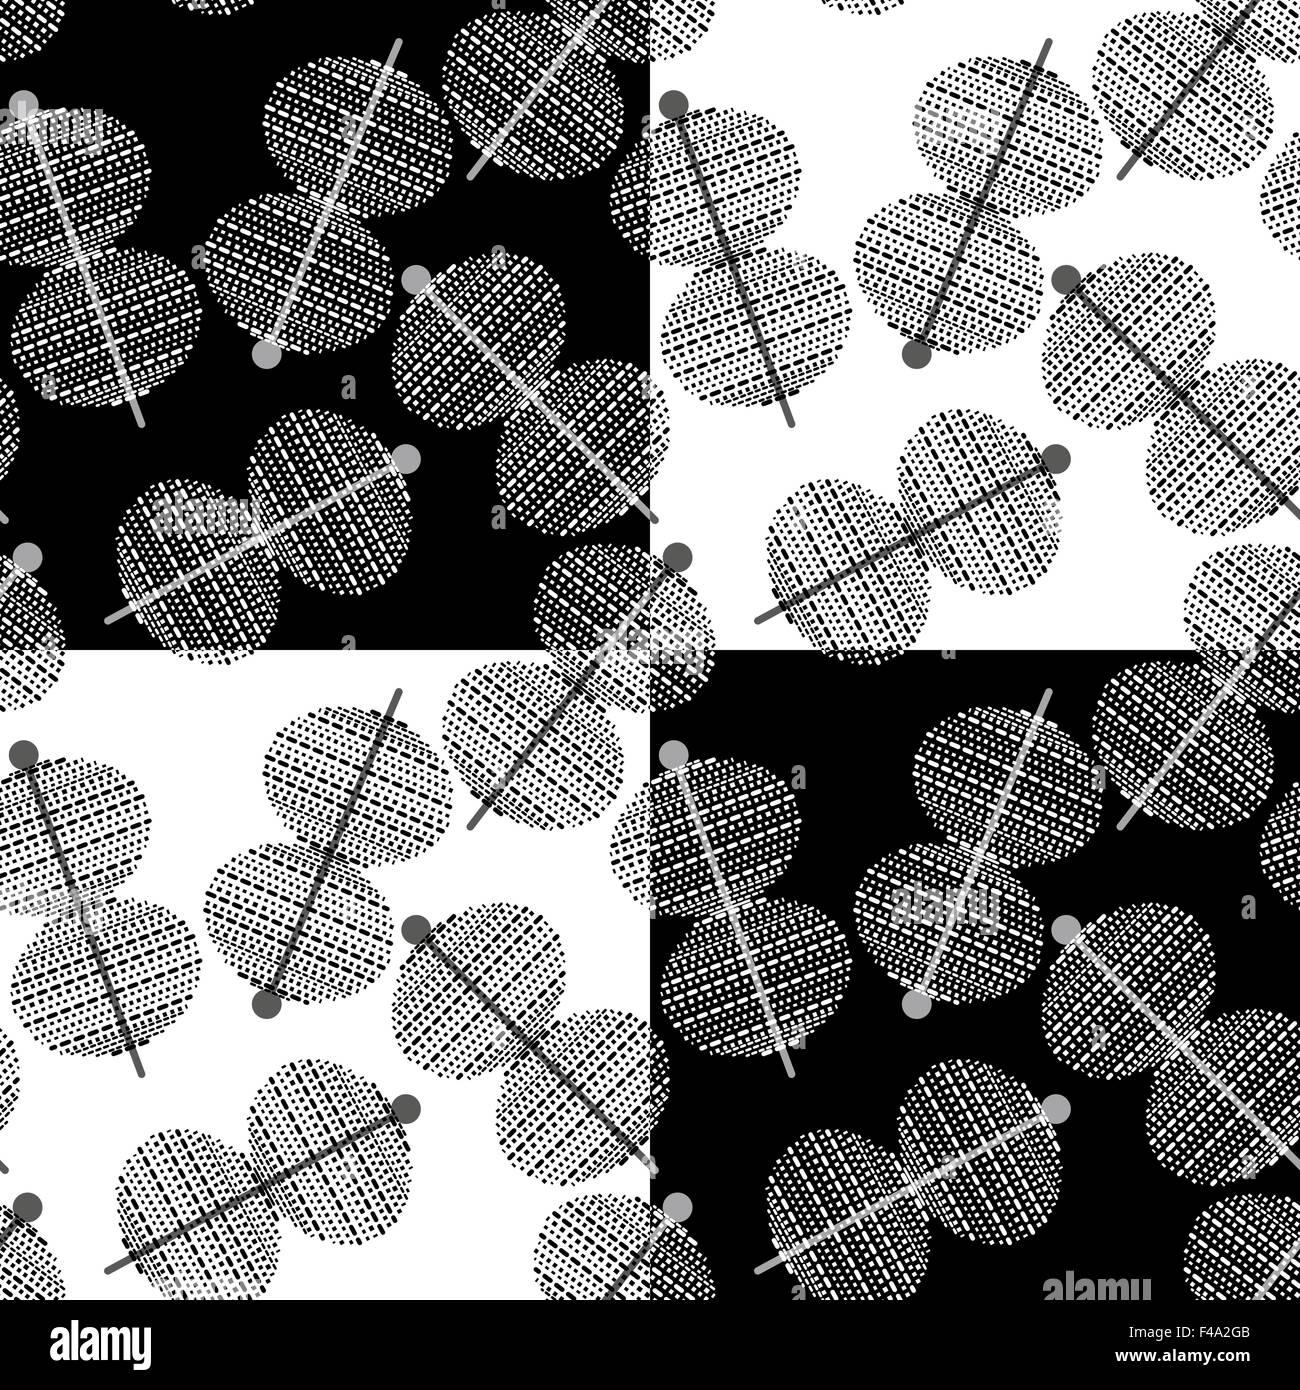 Gestrichelt Stockfotos & Gestrichelt Bilder - Alamy